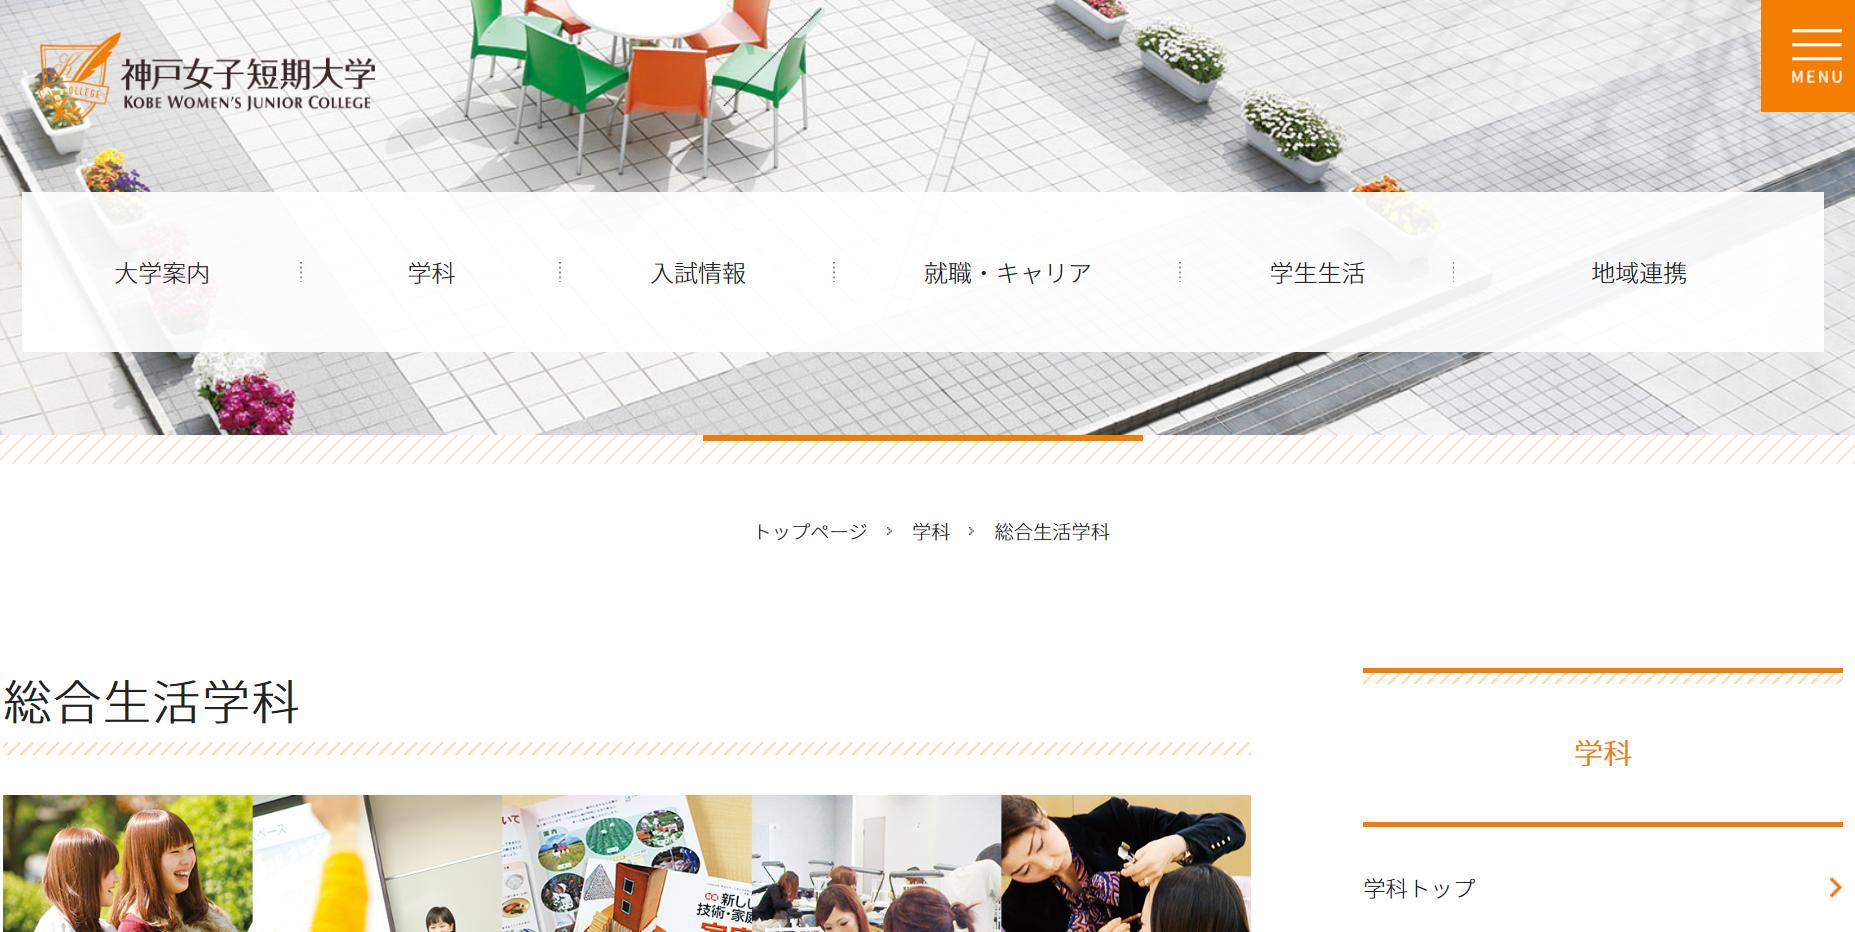 神戸女子短期大学の評判・口コミ【総合生活学科編】